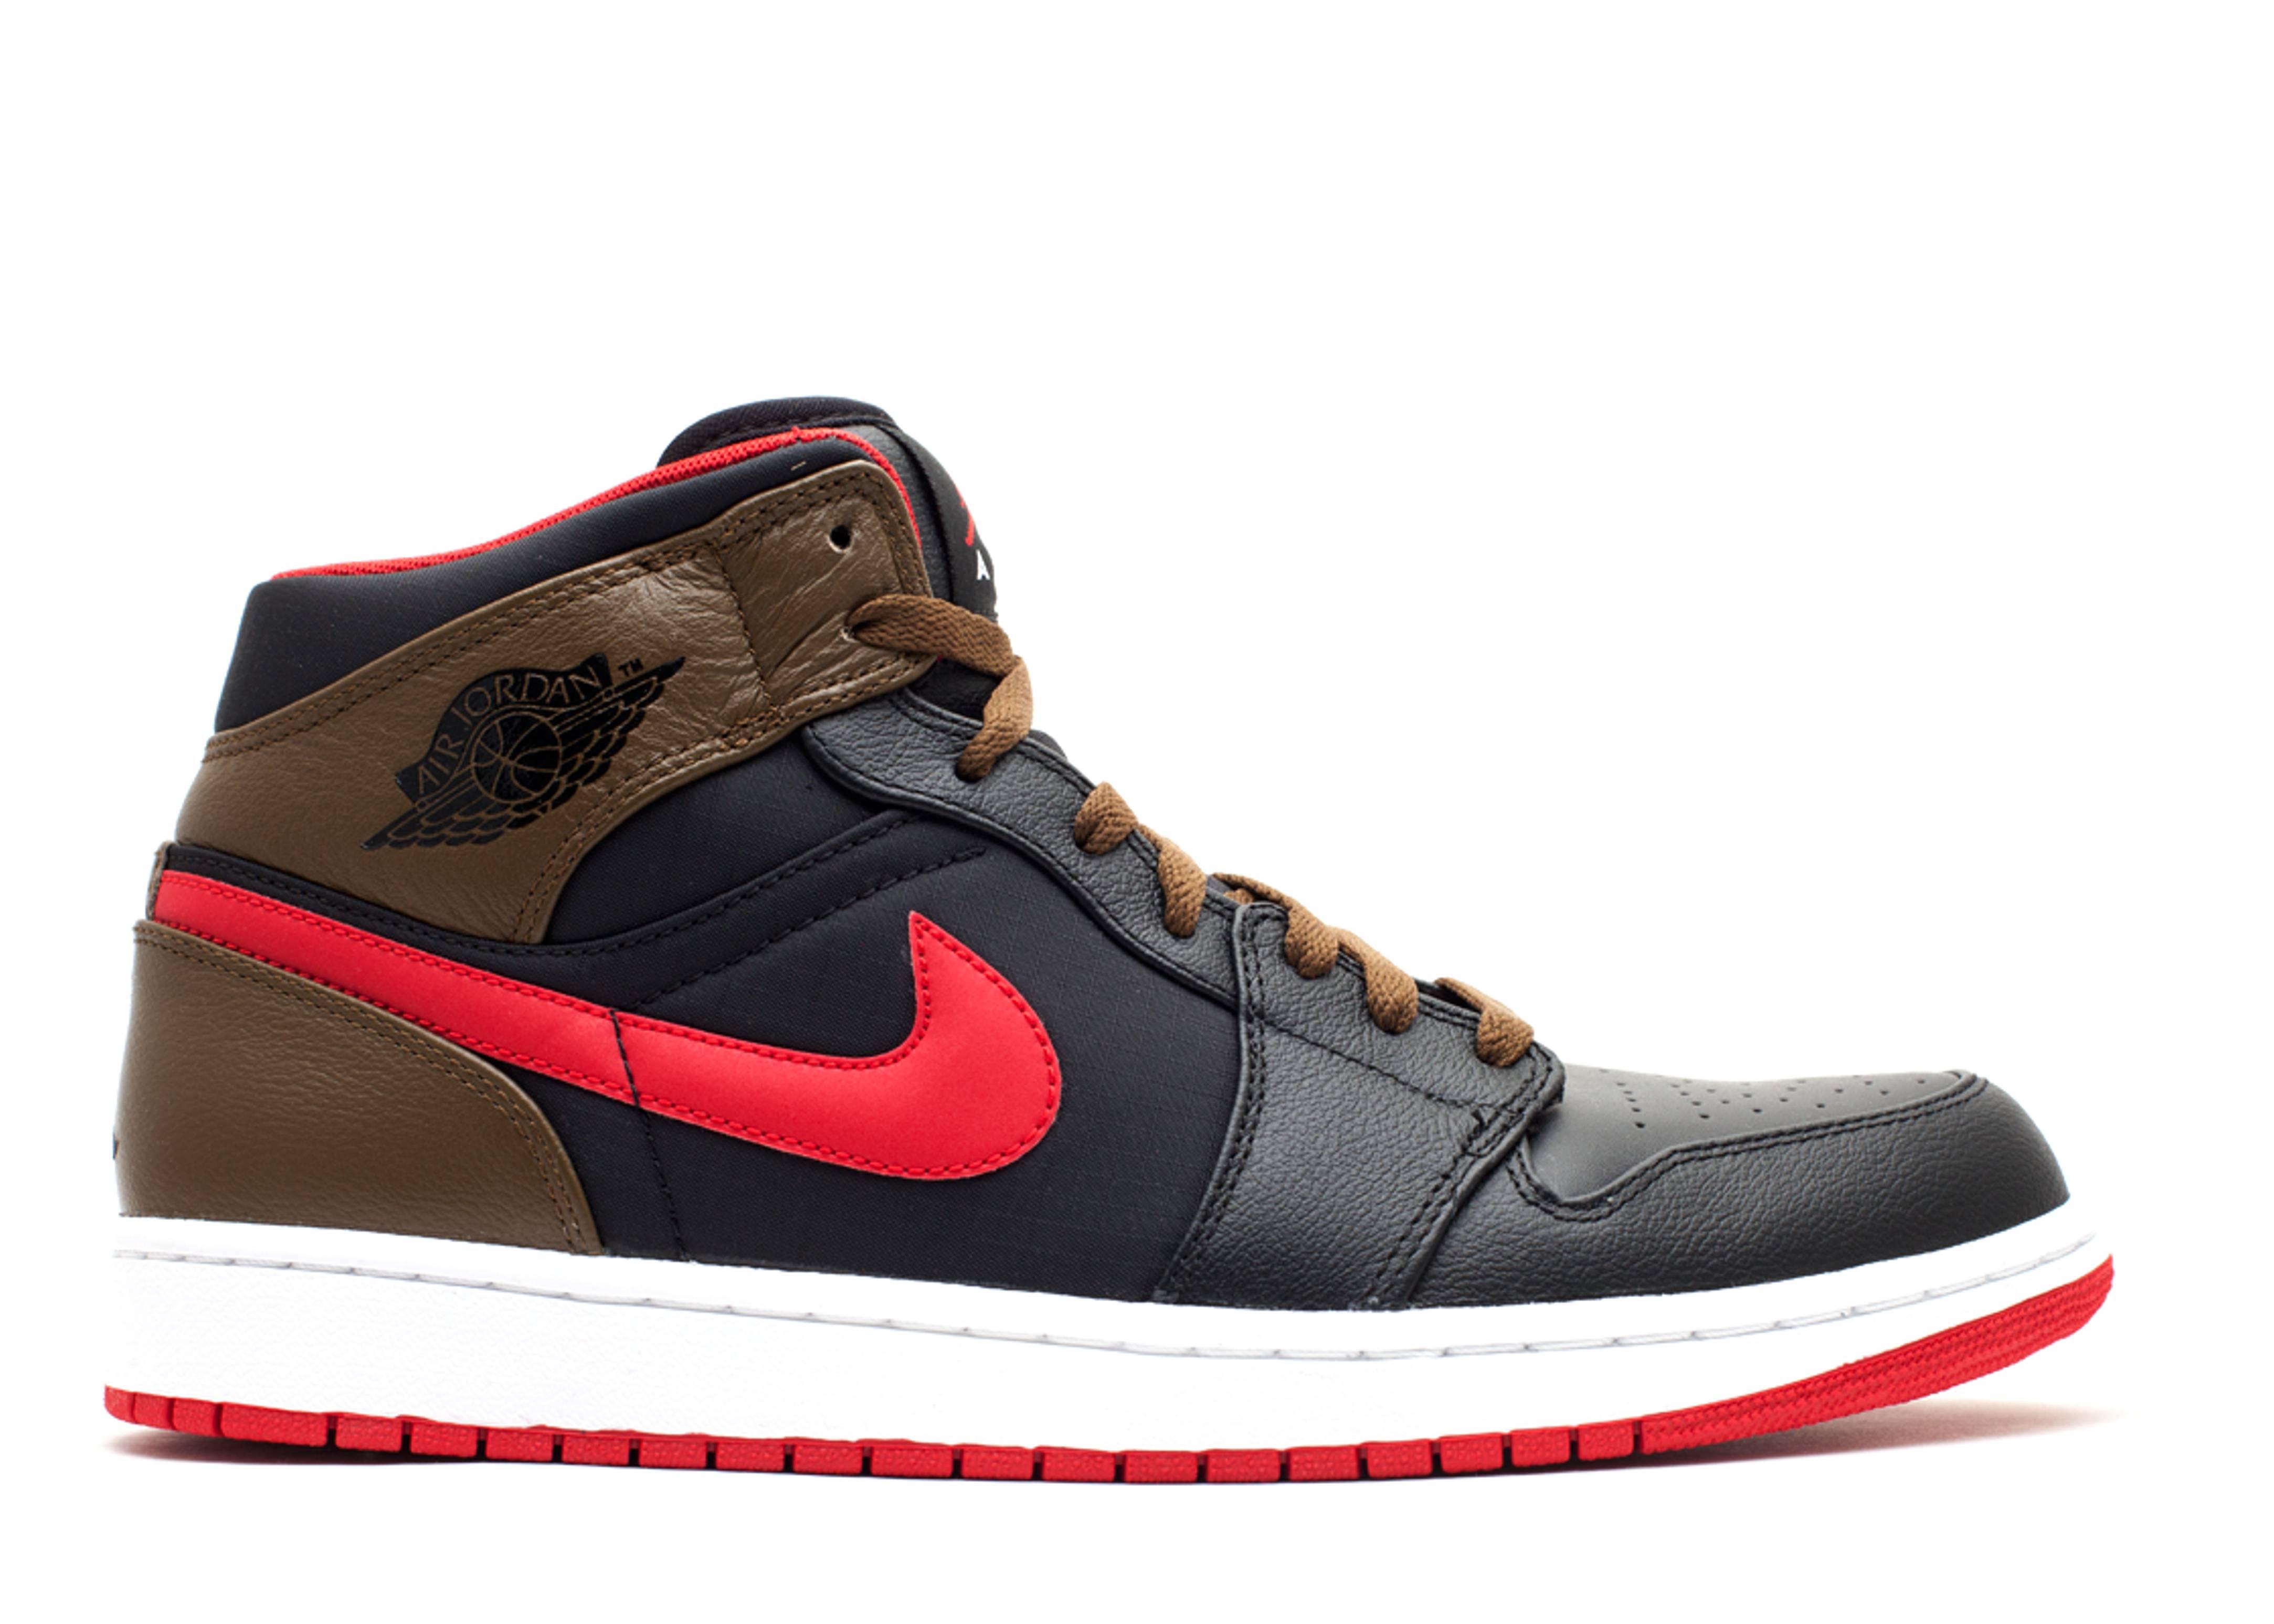 30cbd6948d7 Air Jordan 1 Phat - Air Jordan - 364770 040 - black/gym red-lght ...